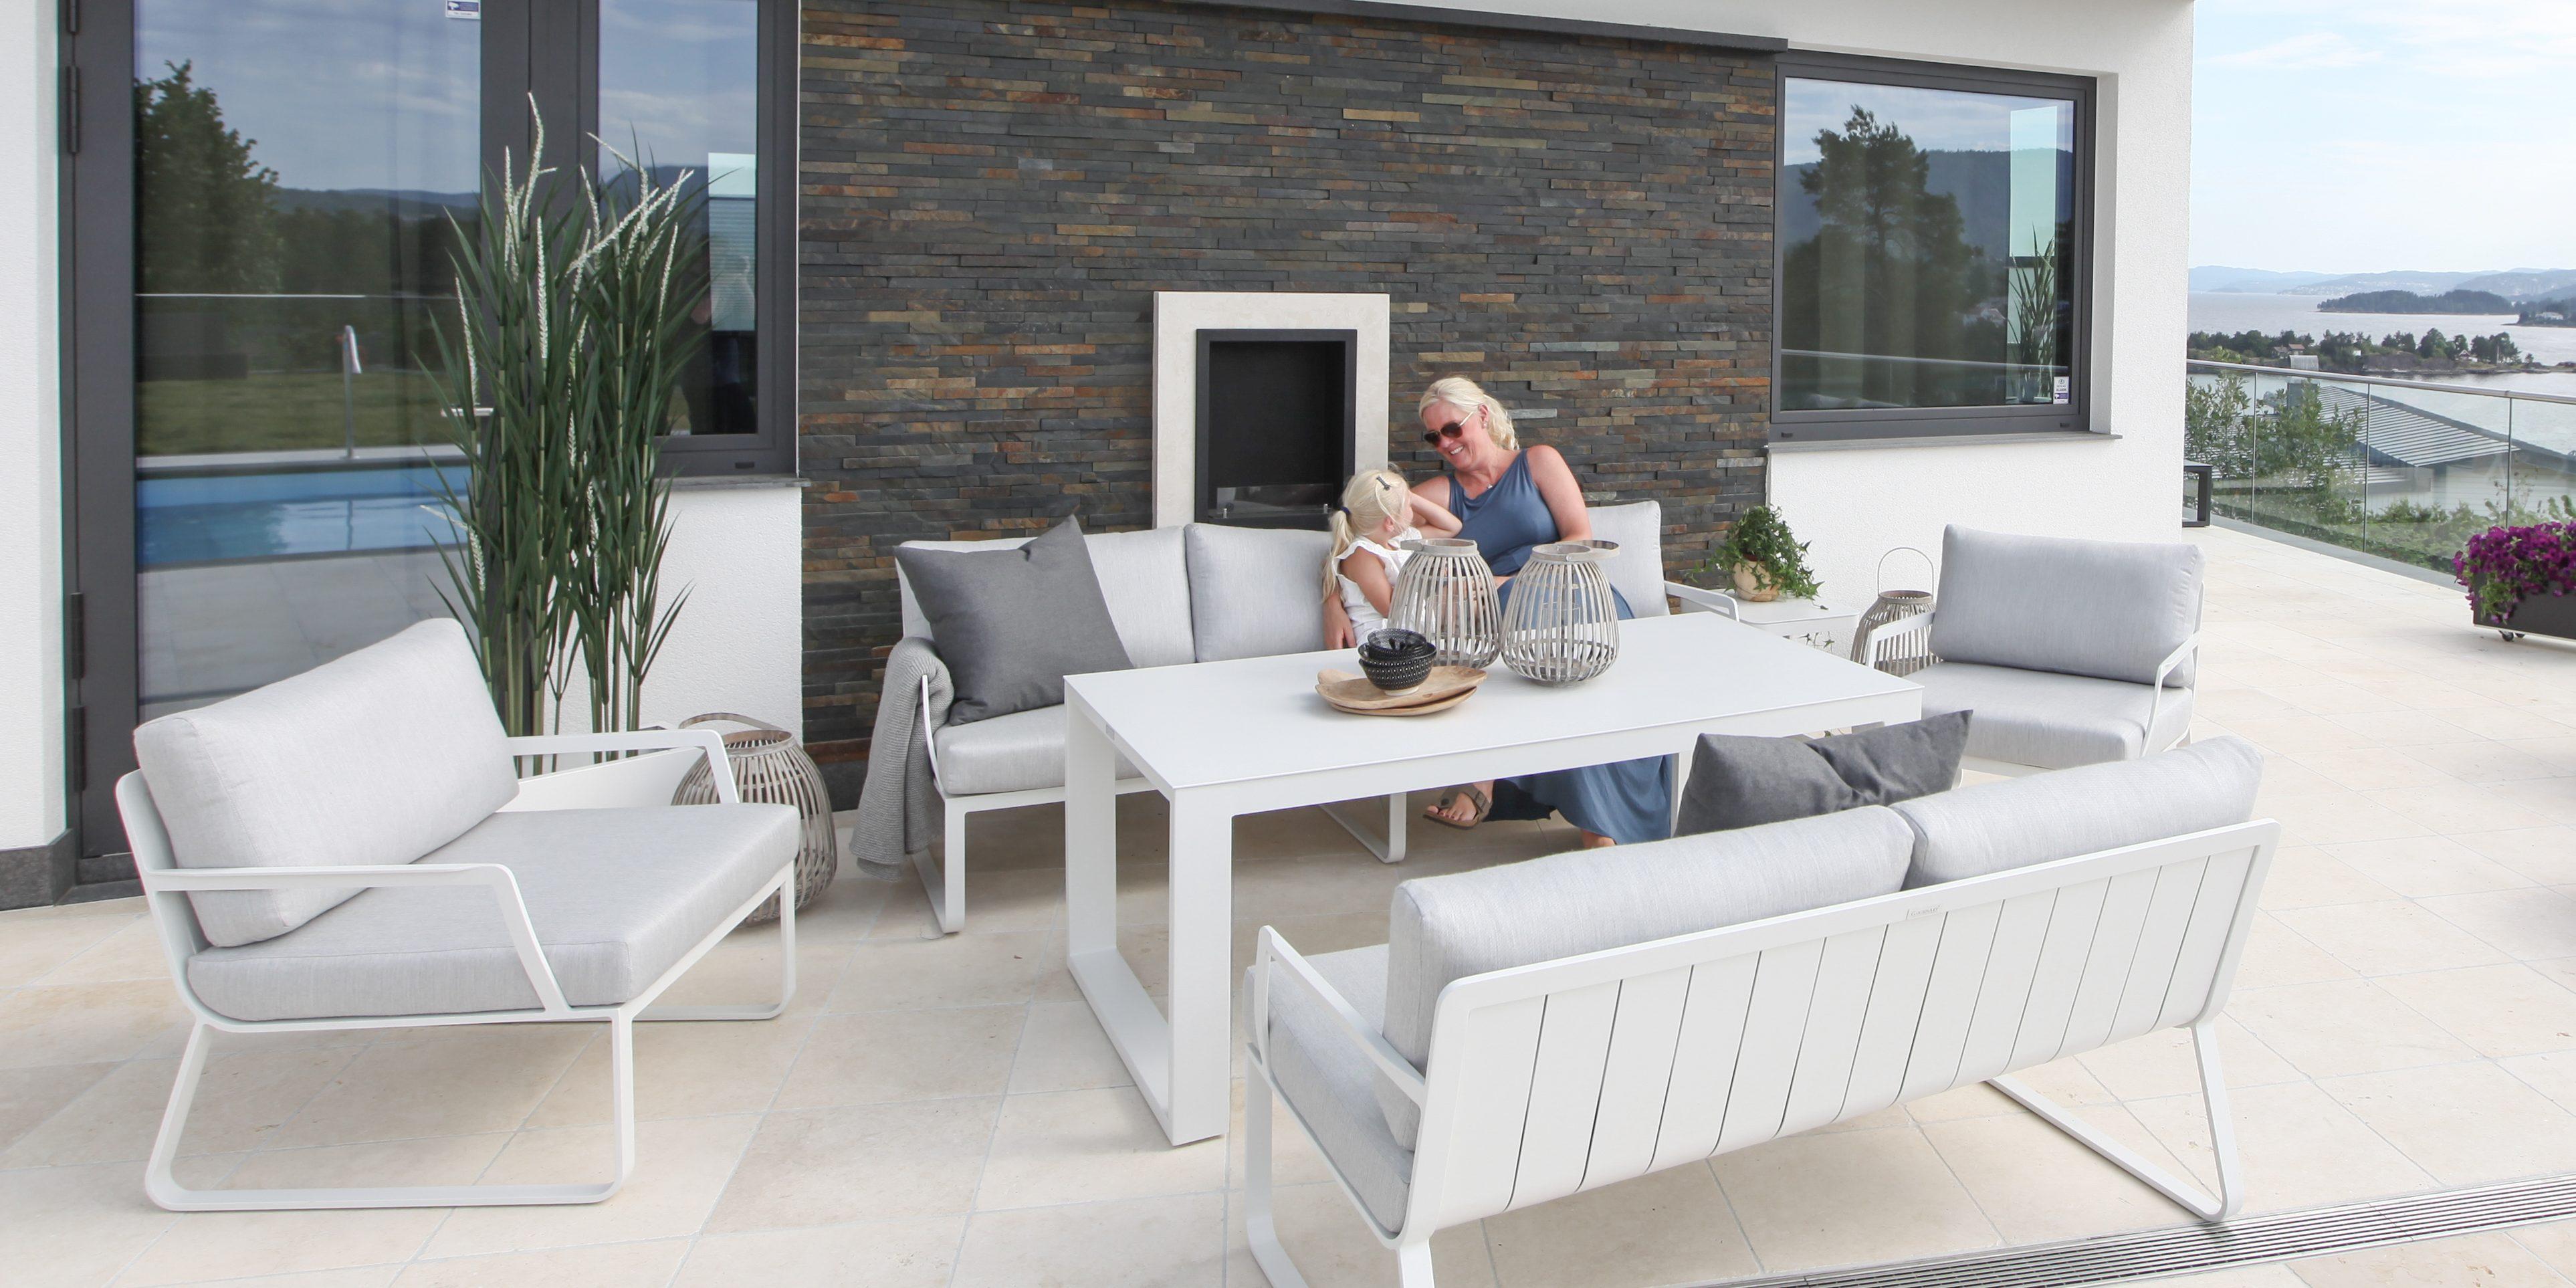 Kjempebra Gardenart hagemøbler fra Fine Design – flytt stua utendørs! TZ-38